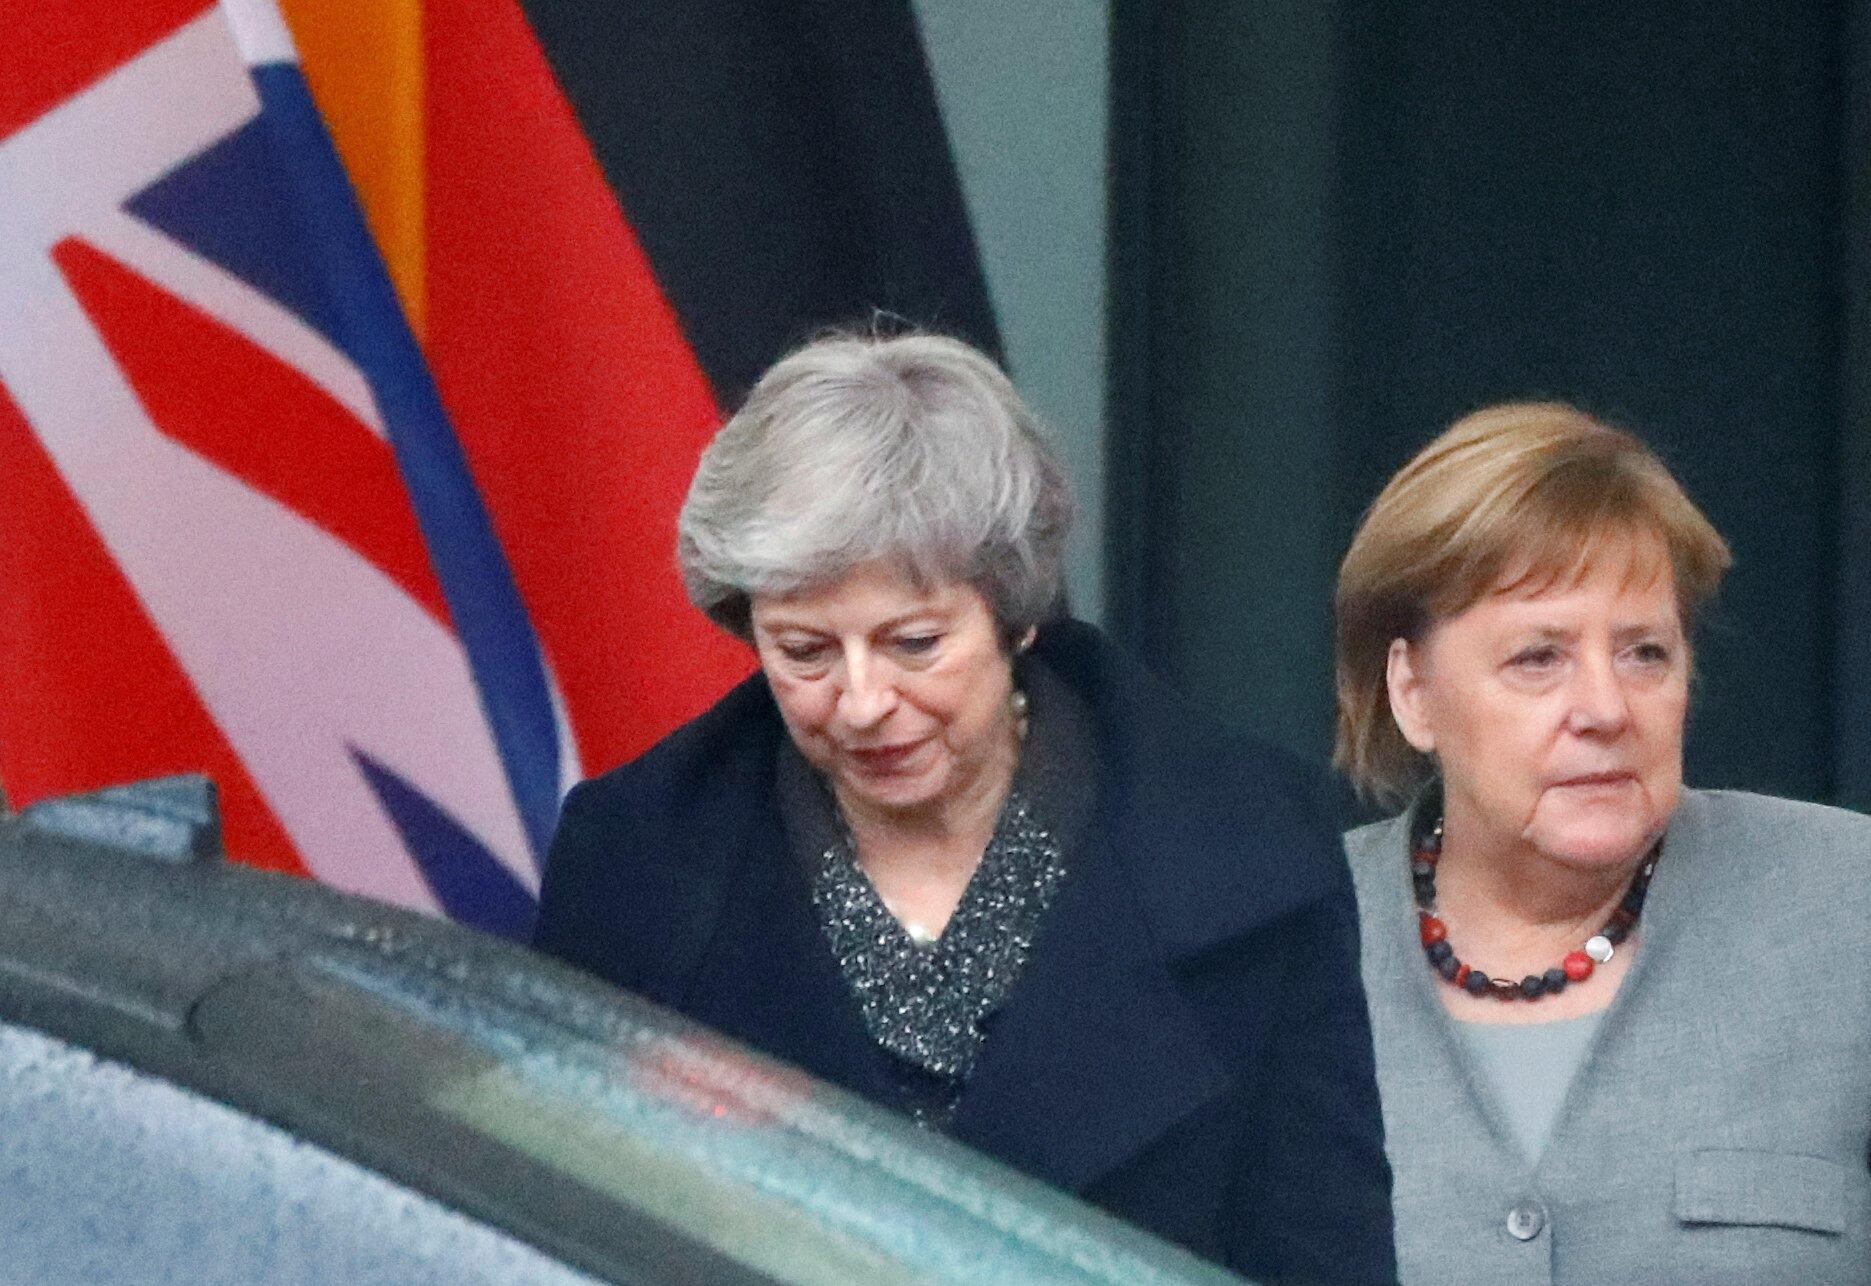 La Première ministre britannique Theresa May et la chancelière Angela Merkel, à Berlin, le 11 décembre 2018.